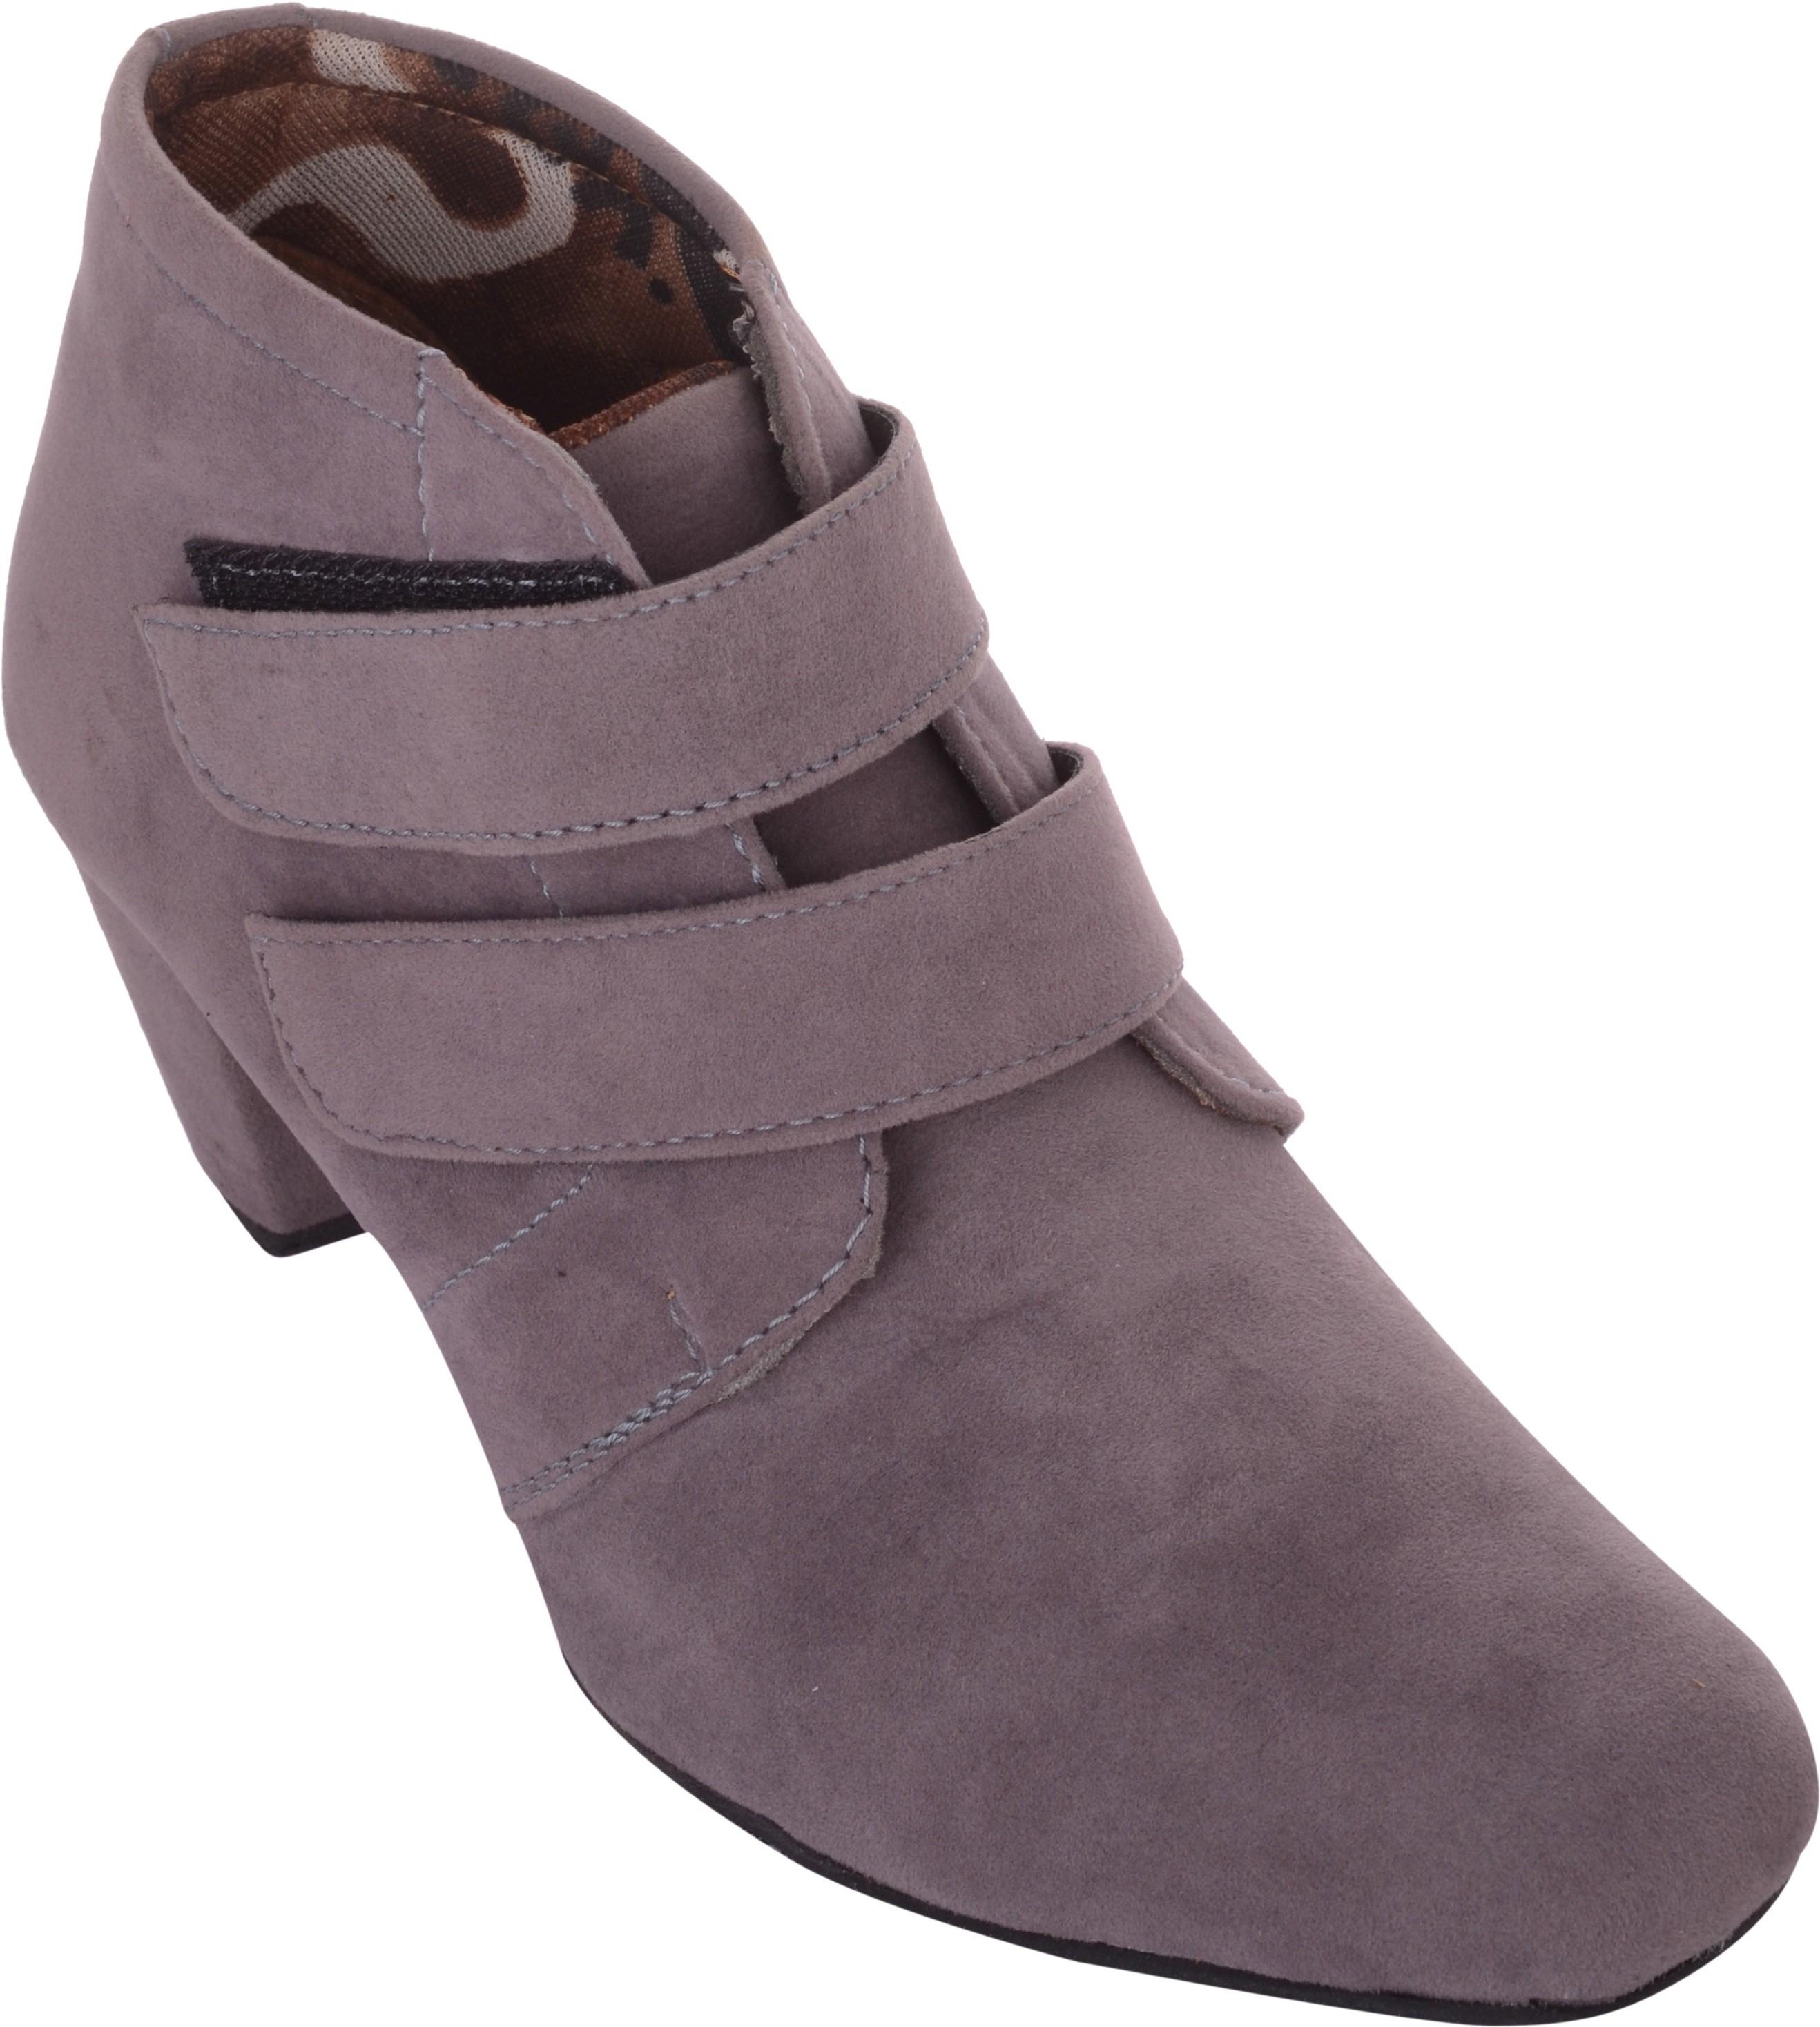 Exotique EL0031 Boots(Grey)